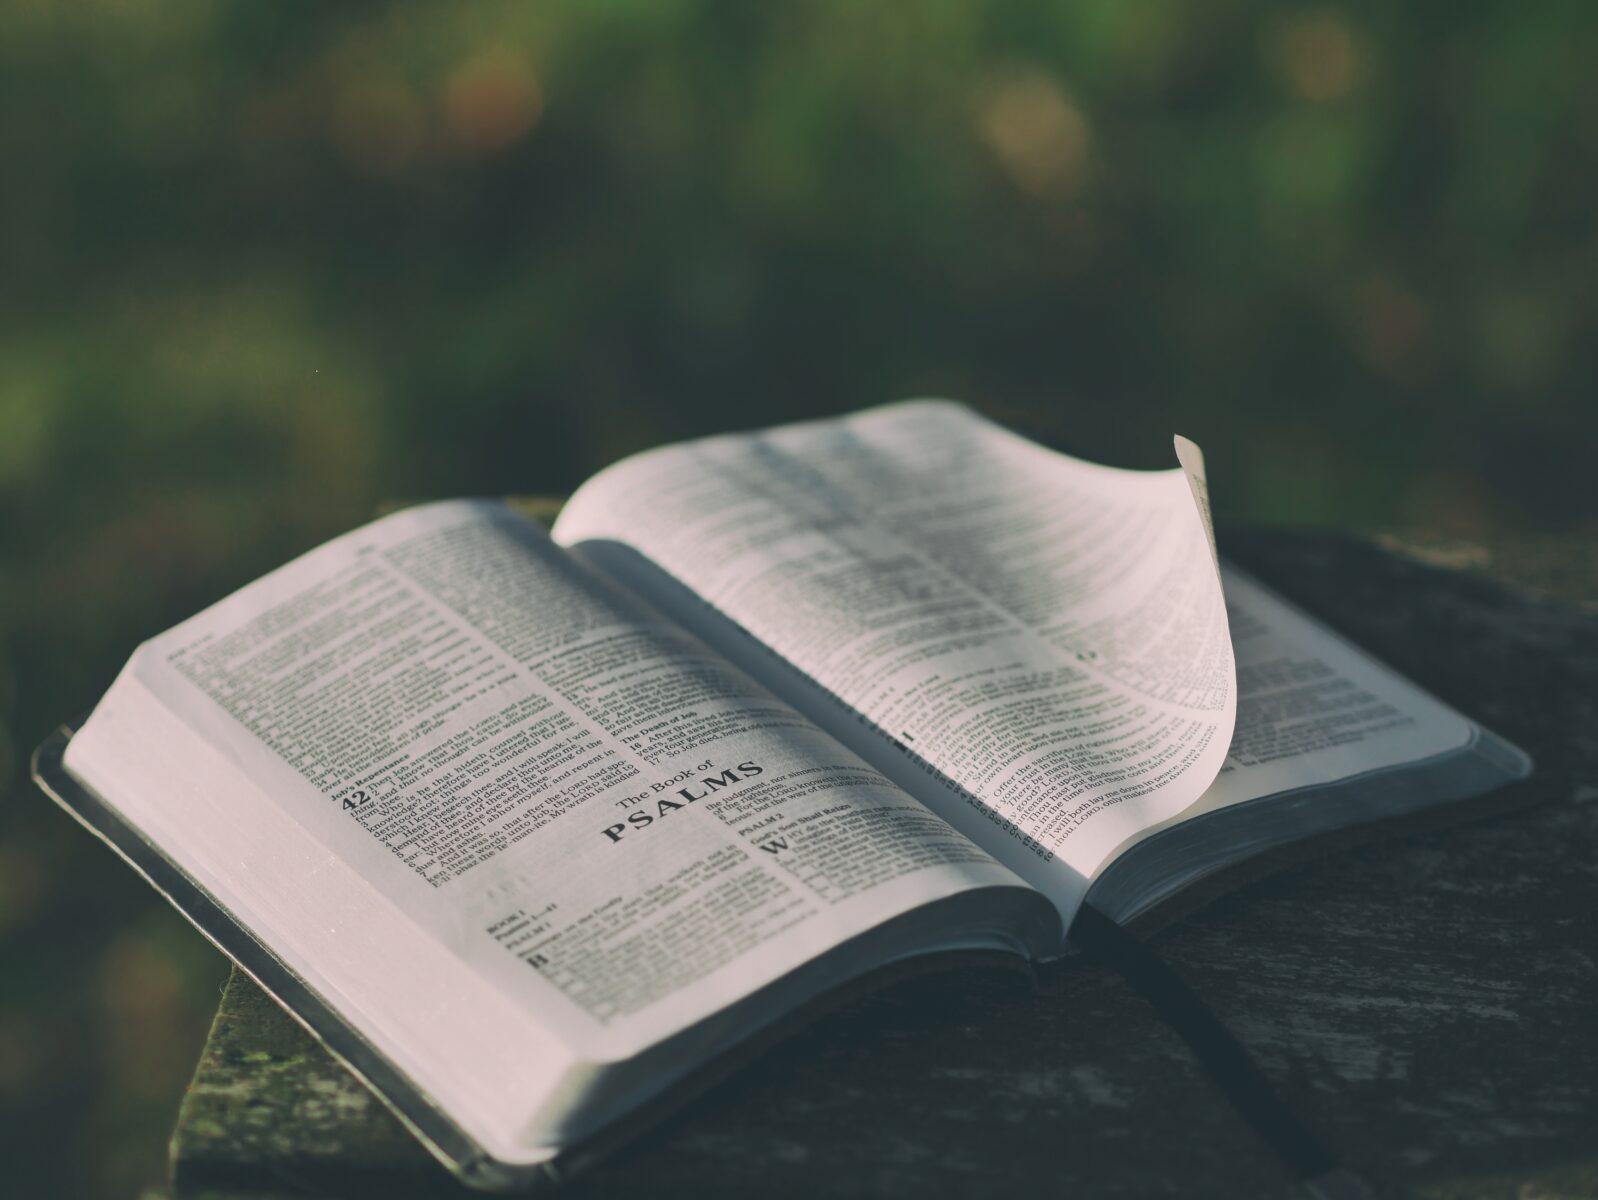 Notas del Pastor MJ: Es tiempo de buscar que la presencia de Dios nos transforme